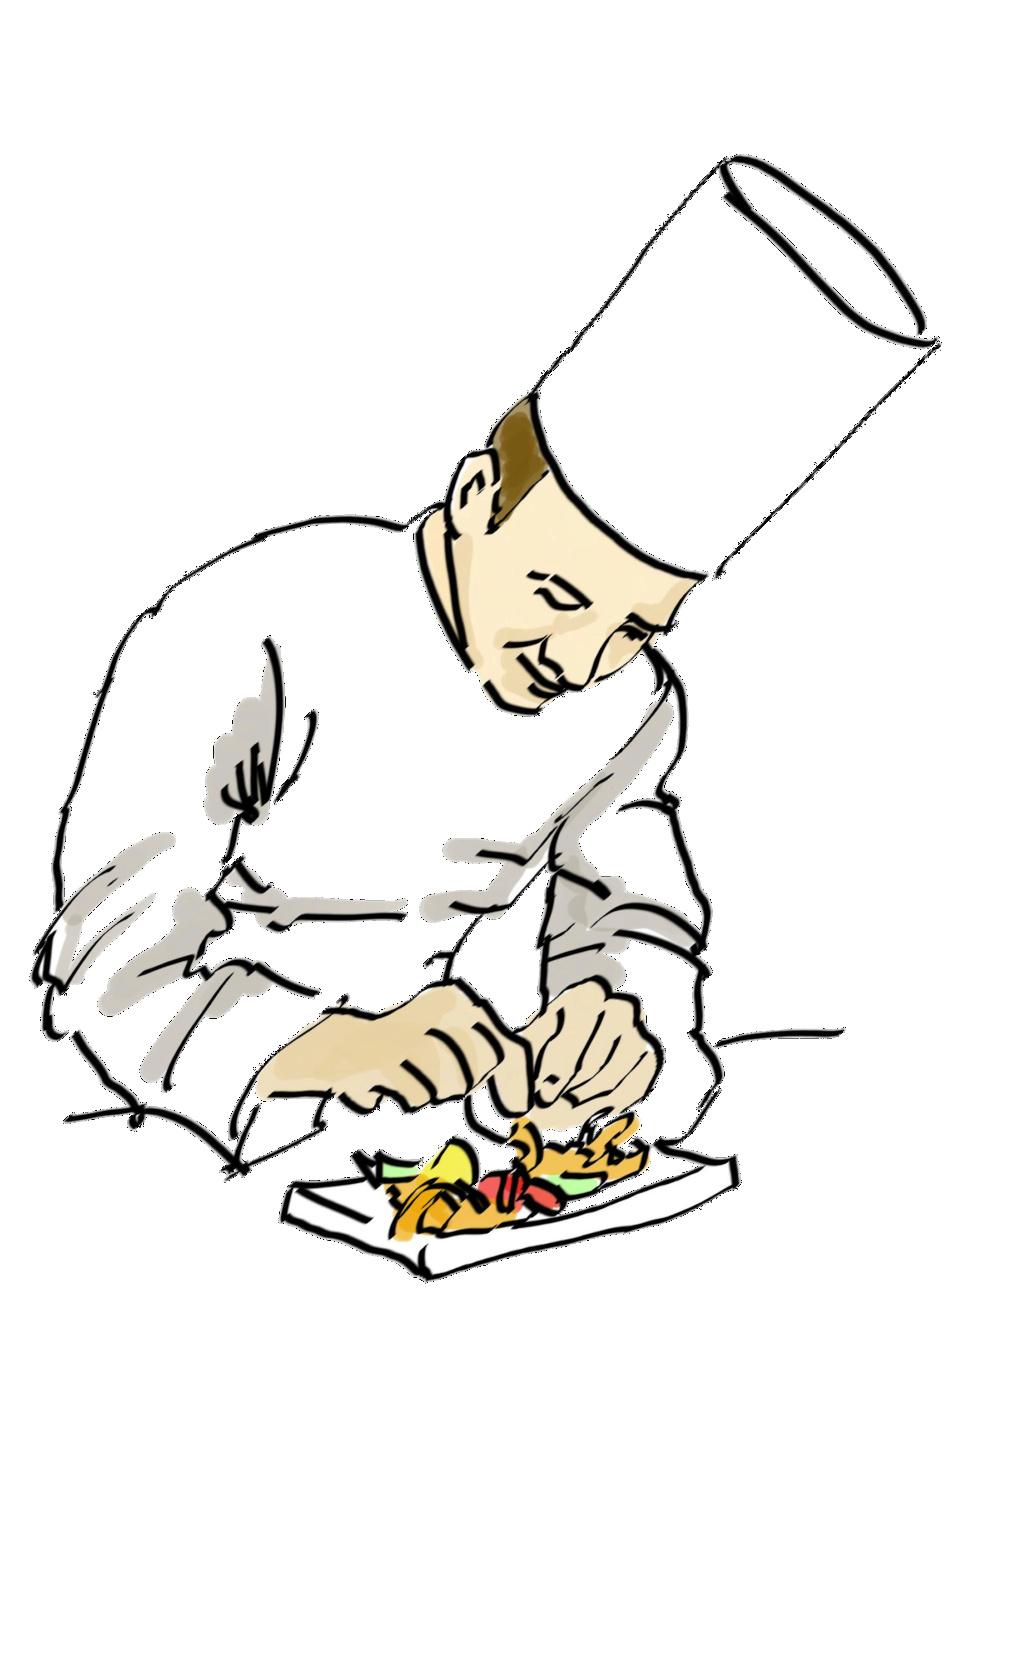 Путь гурмана / кондитера / пастамейкера / пиццамейкера / повара / сушиста Chef-510